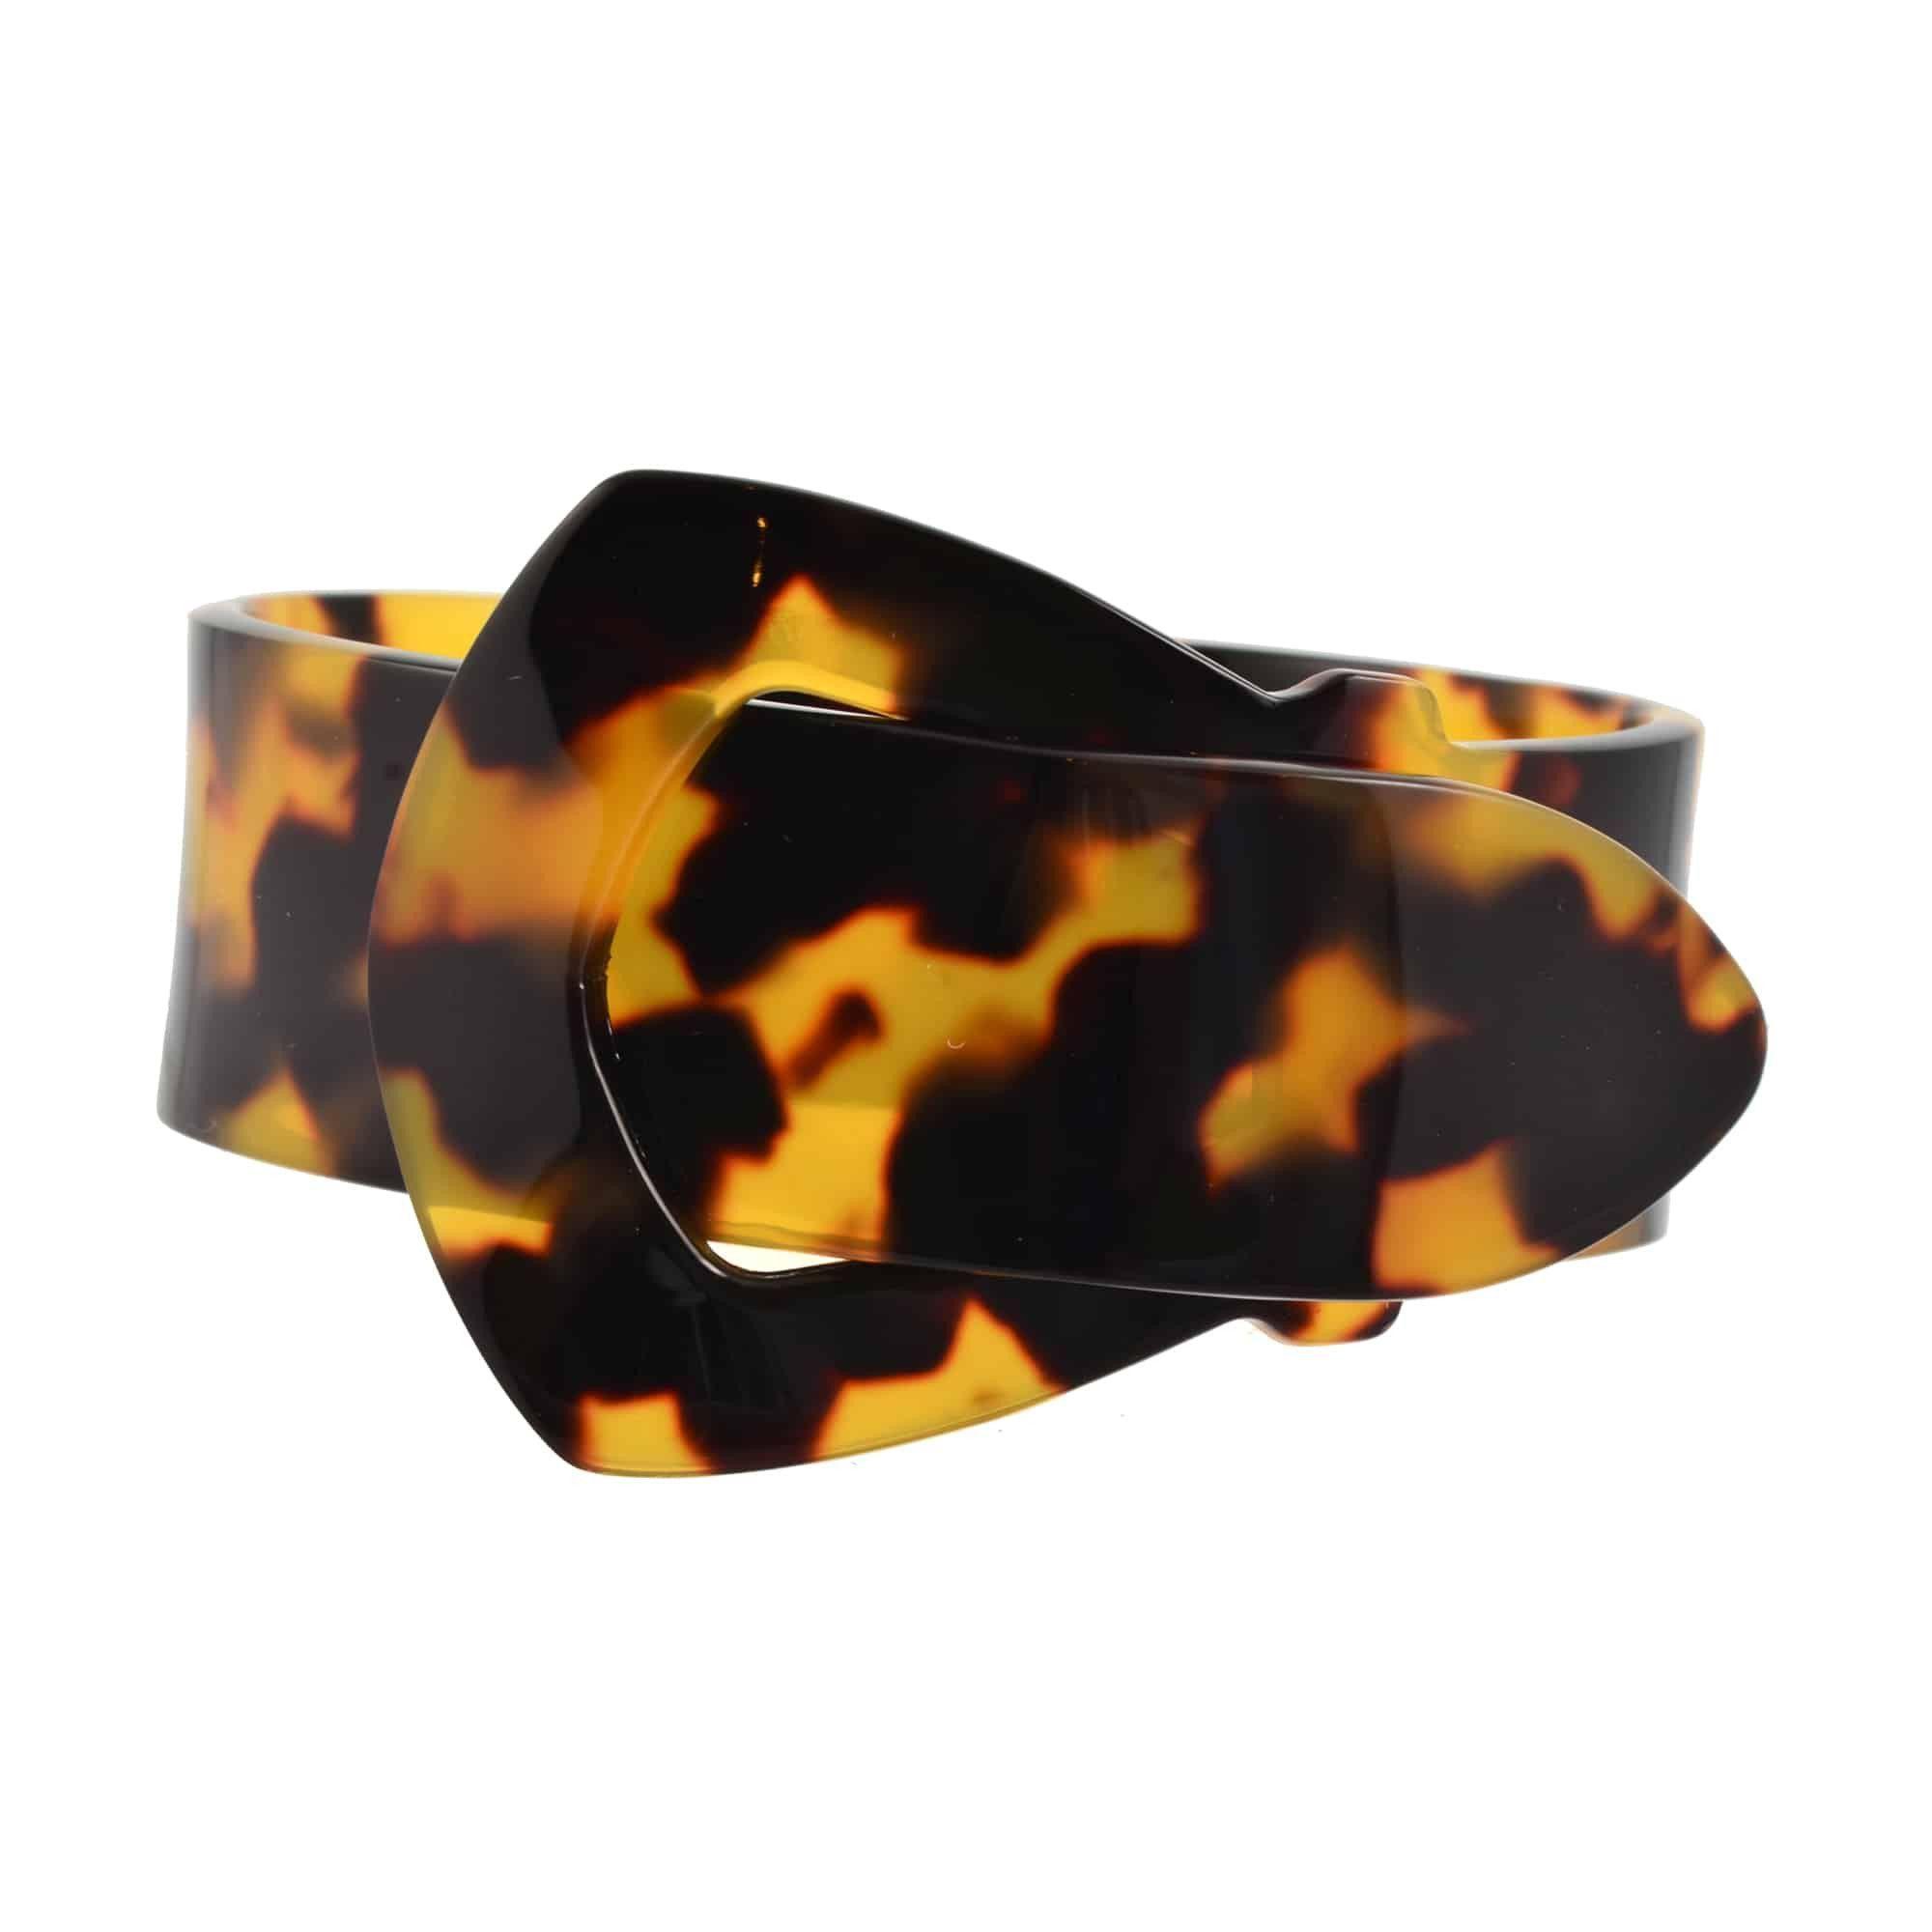 Lorren bell tokyo false tortoise buckle cuff bracelet products